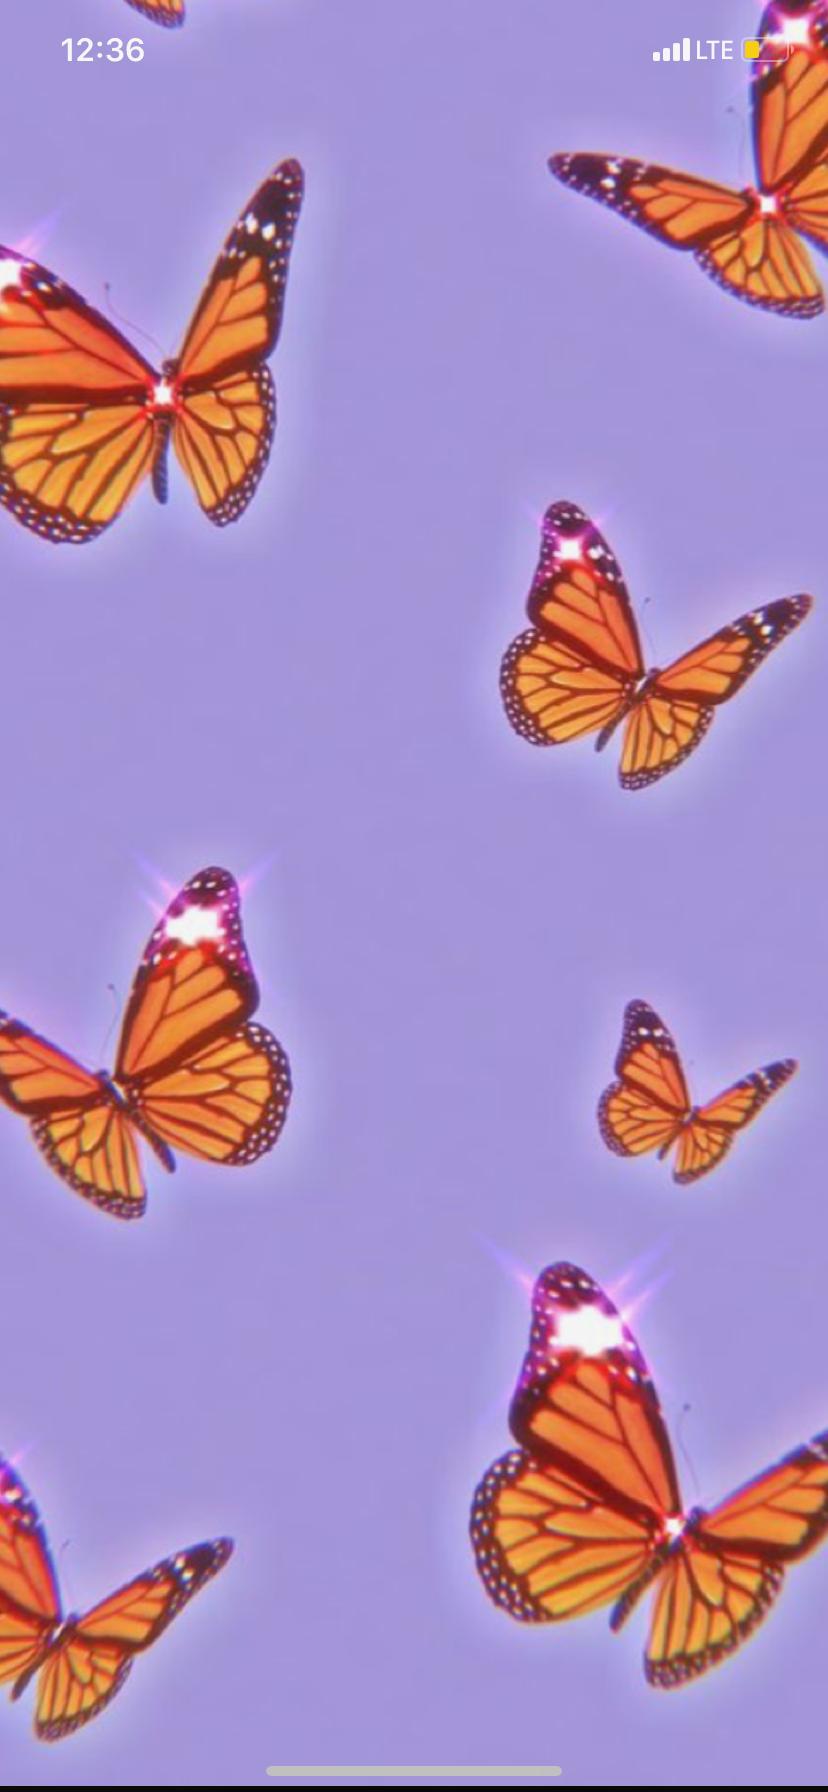 Pin By Rachel Gallardo On Cute Wallpapers In 2020 Pink Wallpaper Iphone Butterfly Wallpaper Blue Butterfly Wallpaper